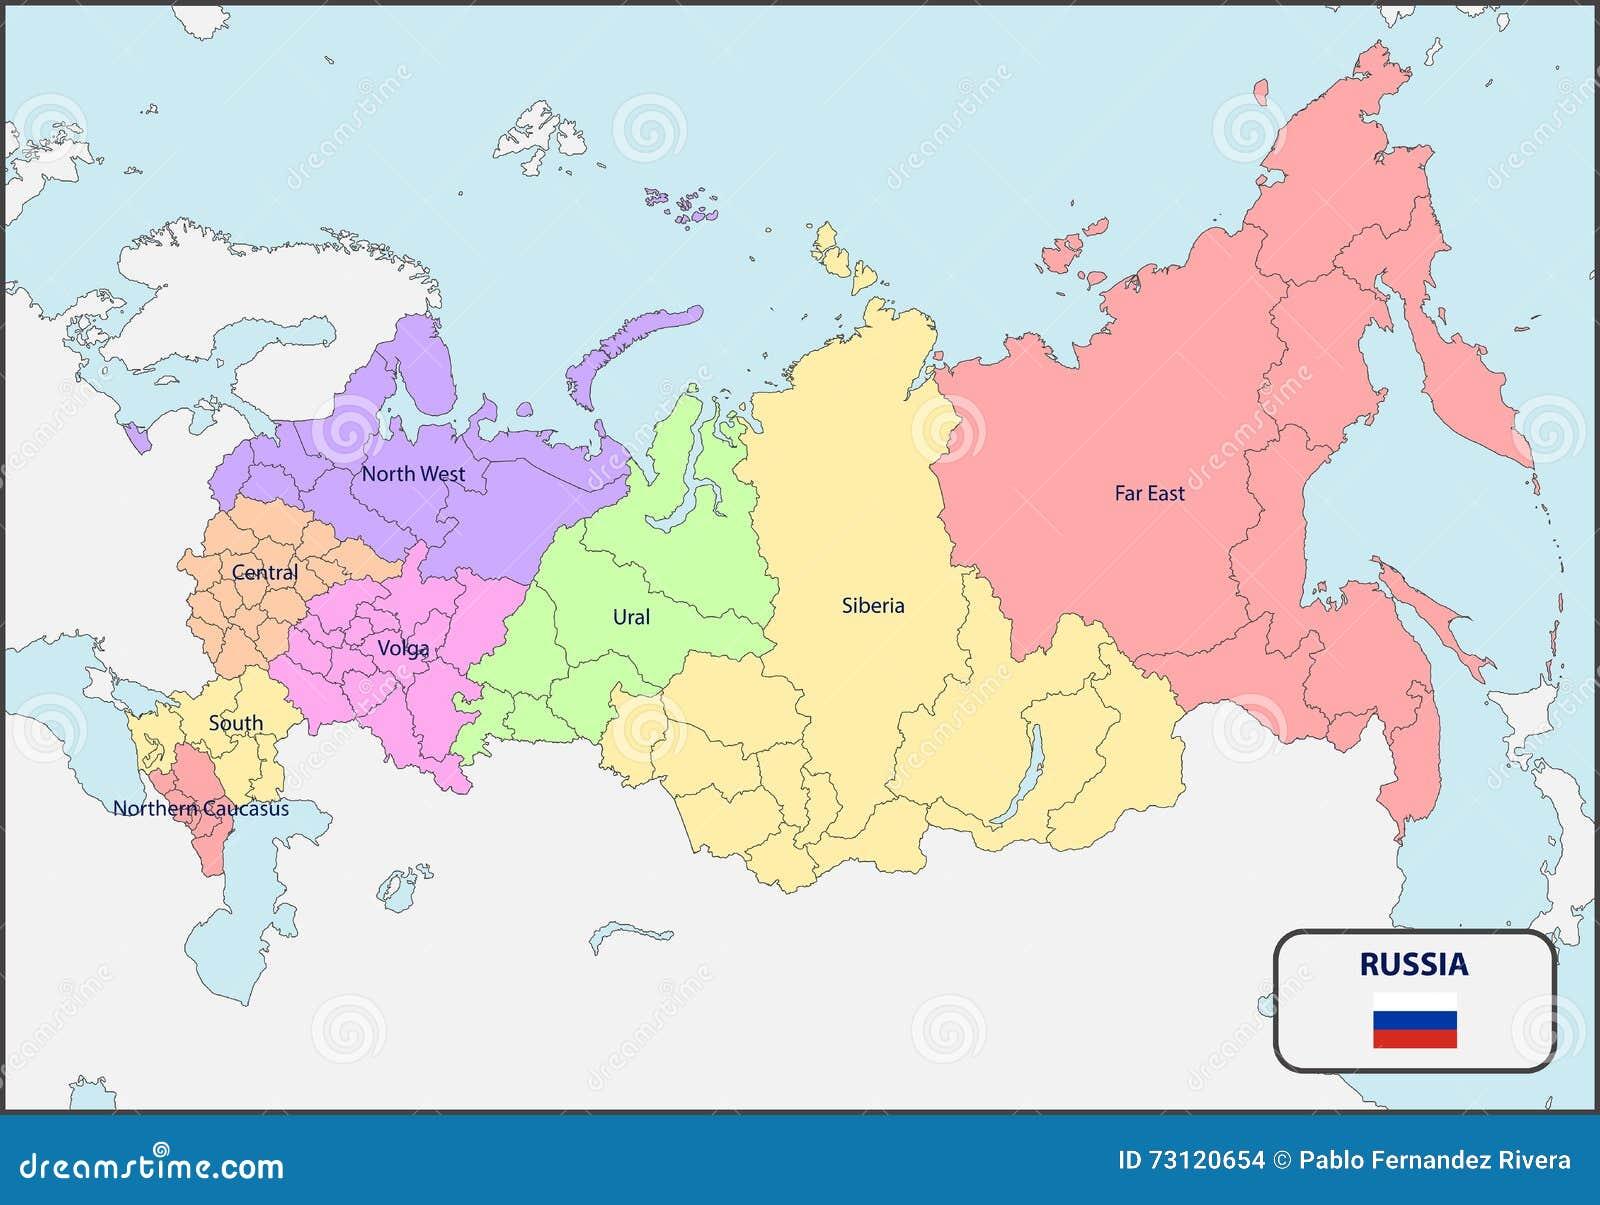 Cartina Politica Russia In Italiano.Mappa Politica Della Russia Con I Nomi Illustrazione Vettoriale Illustrazione Di Programma Profilo 73120654